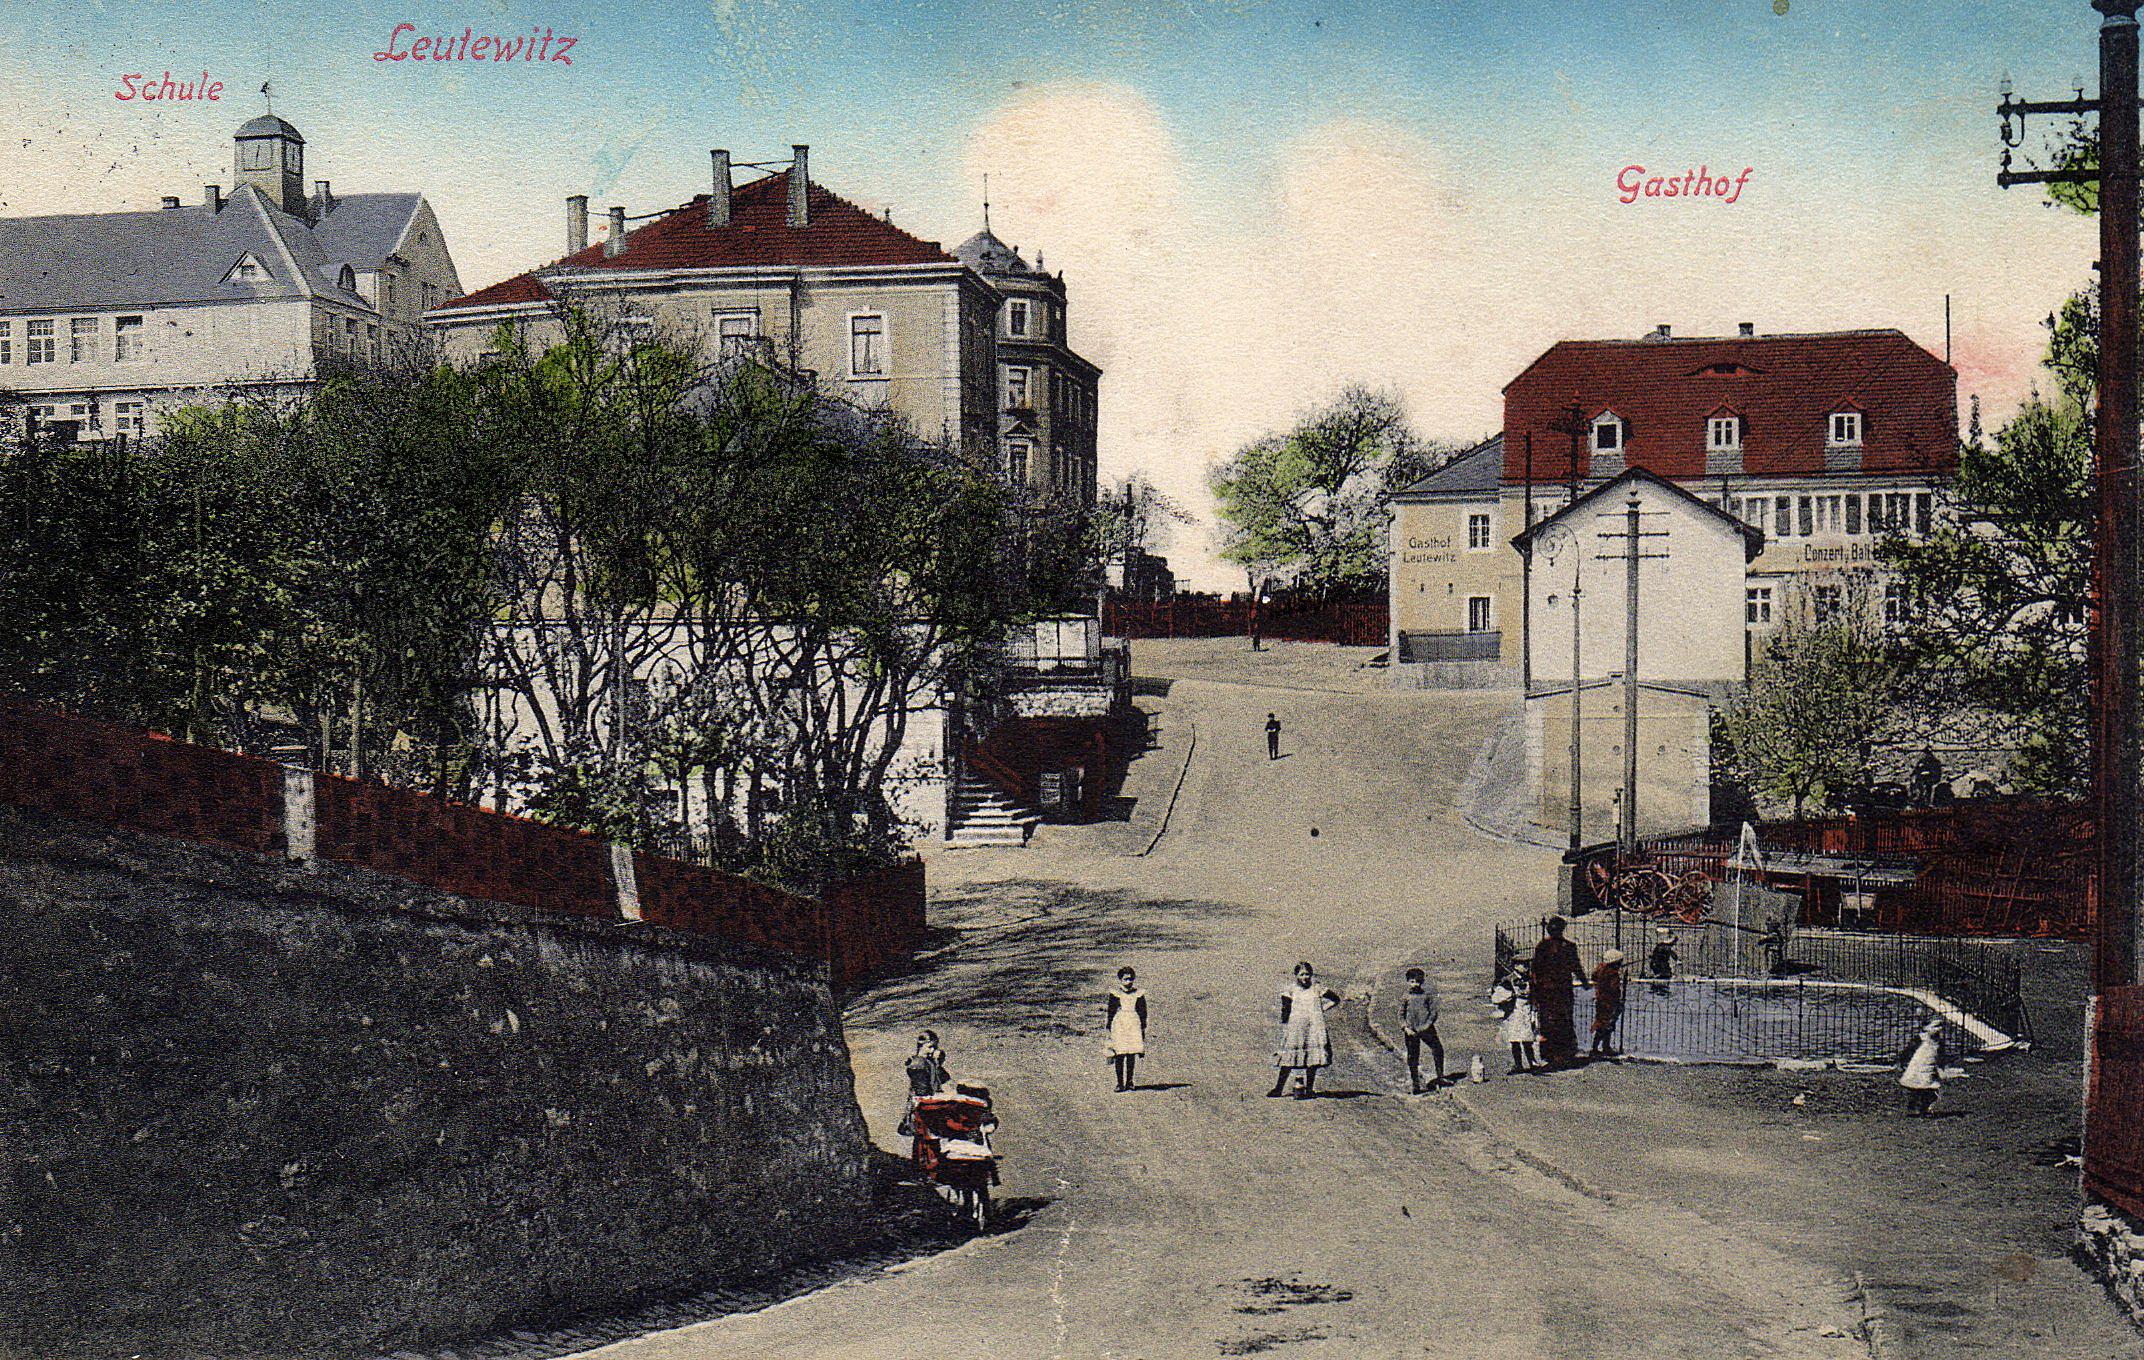 Leutewitz